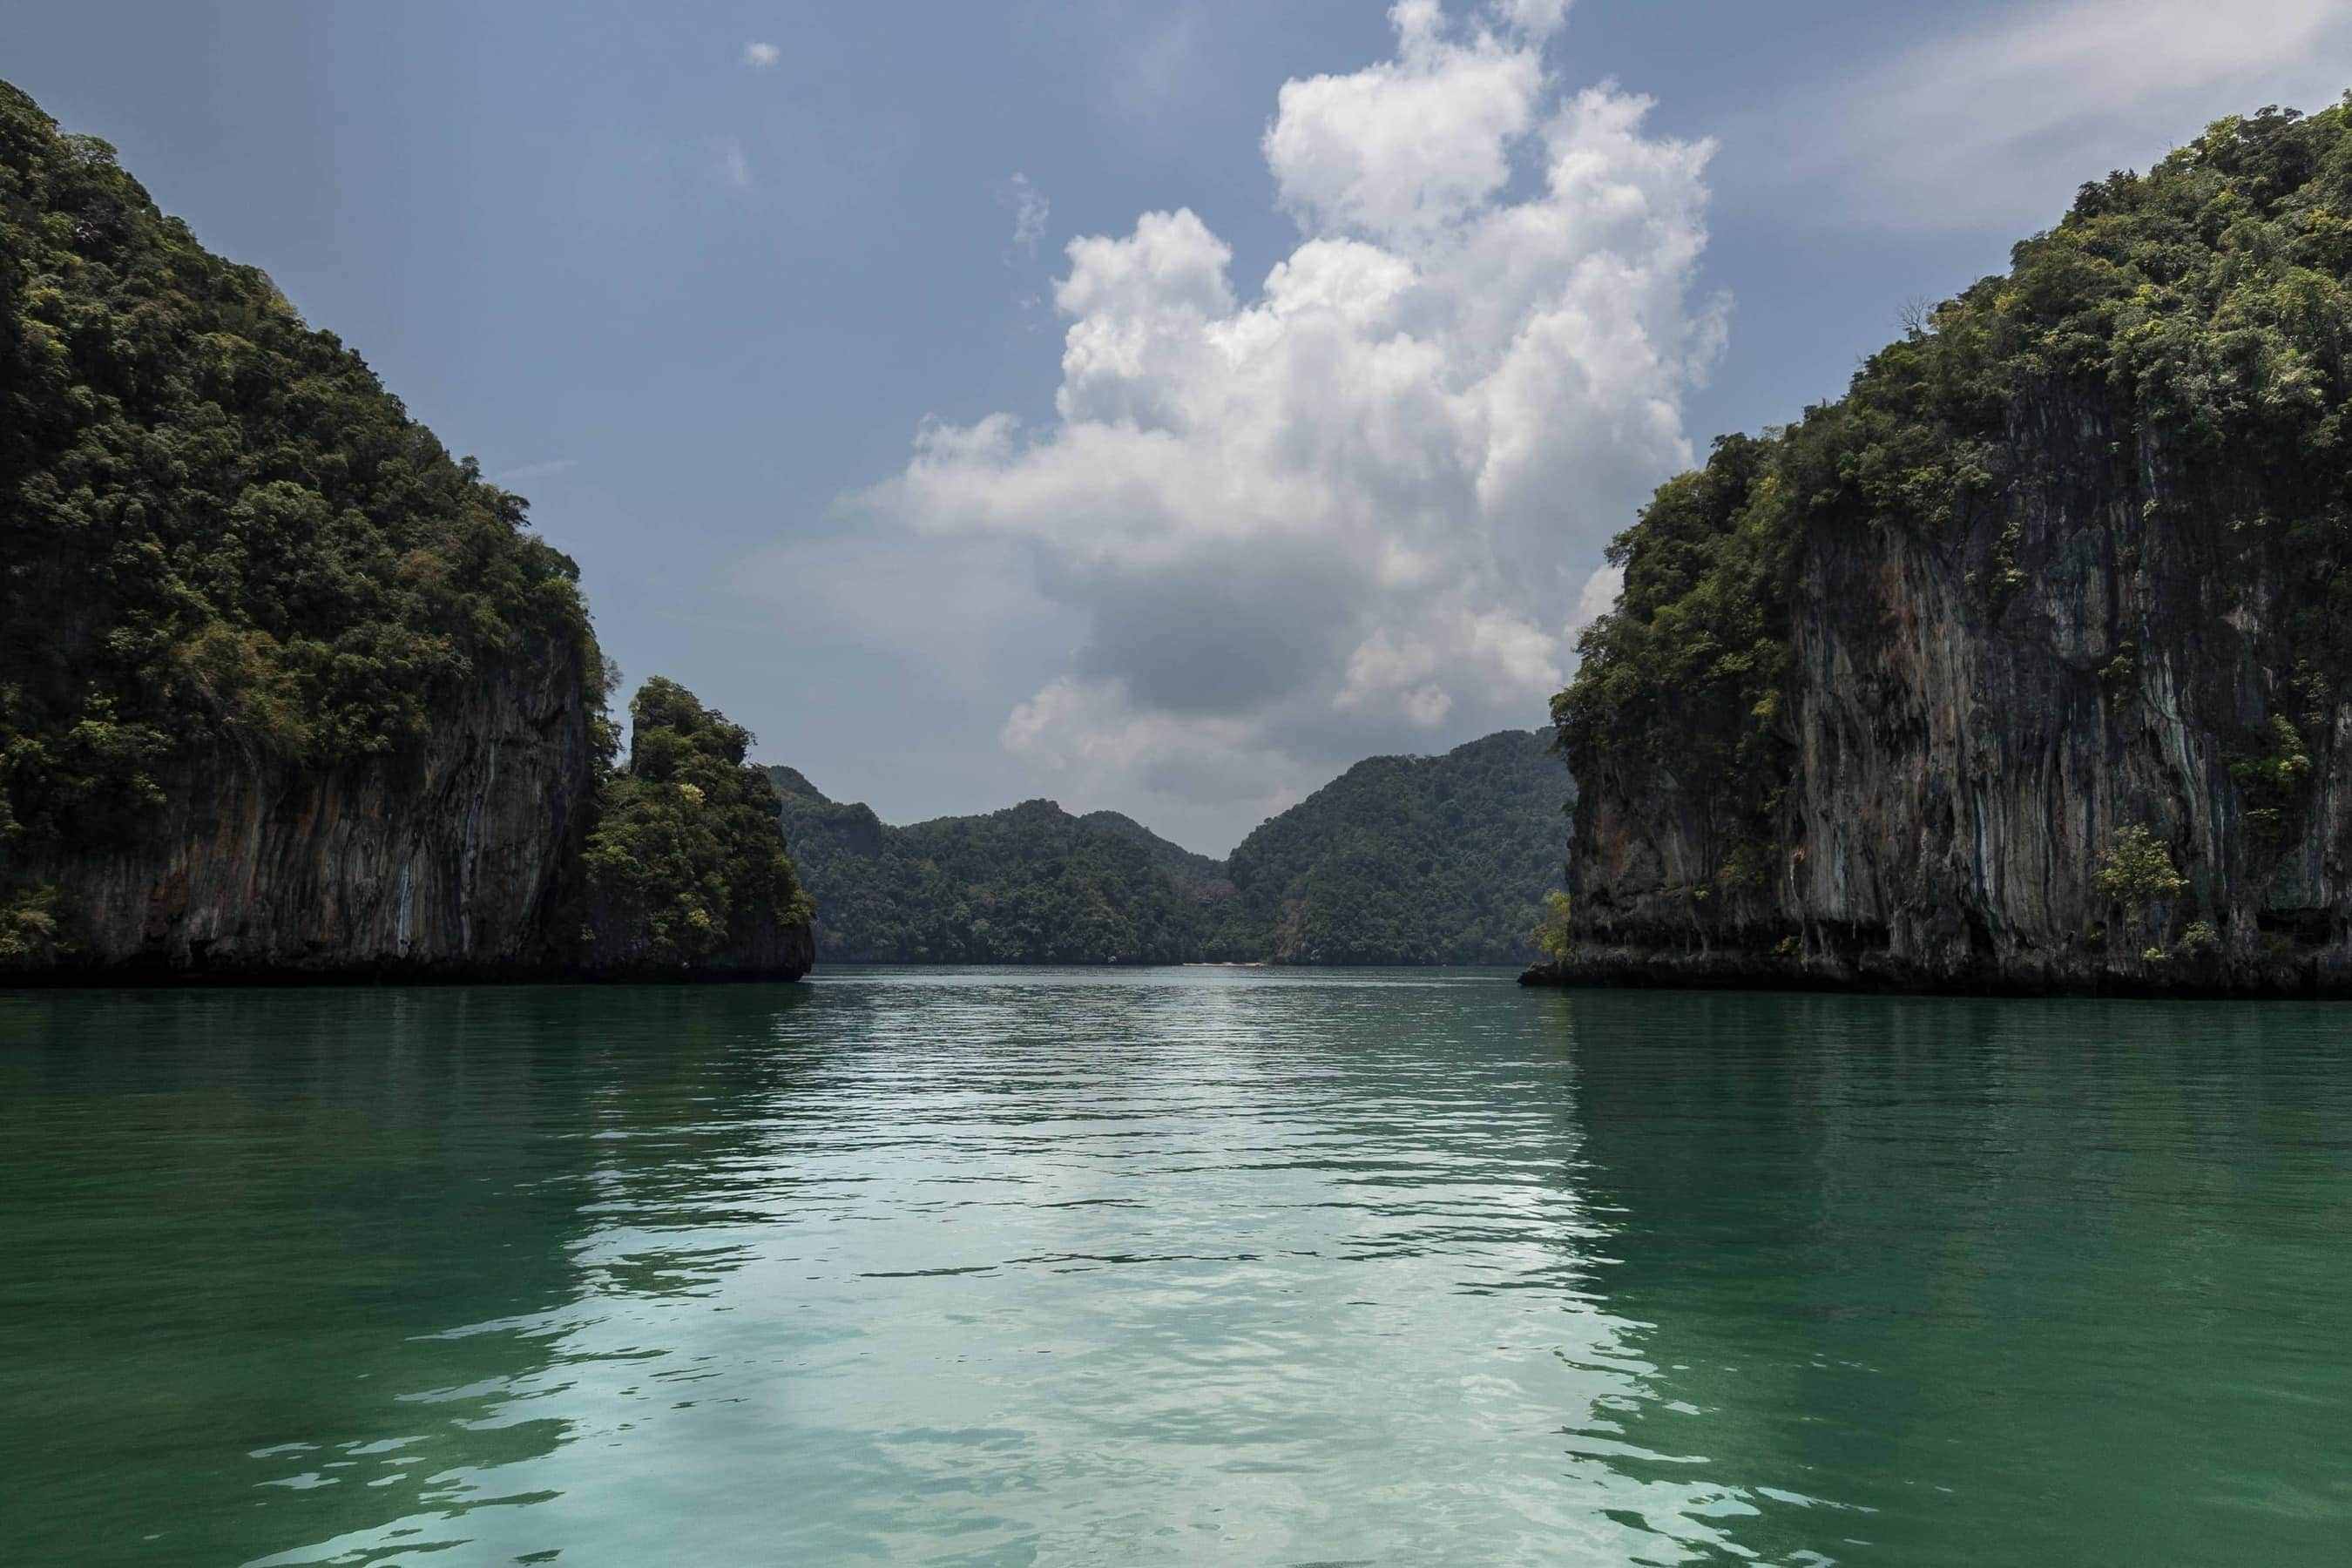 Karstfelsen in der Anadmananensee (Segeln in Thailand)